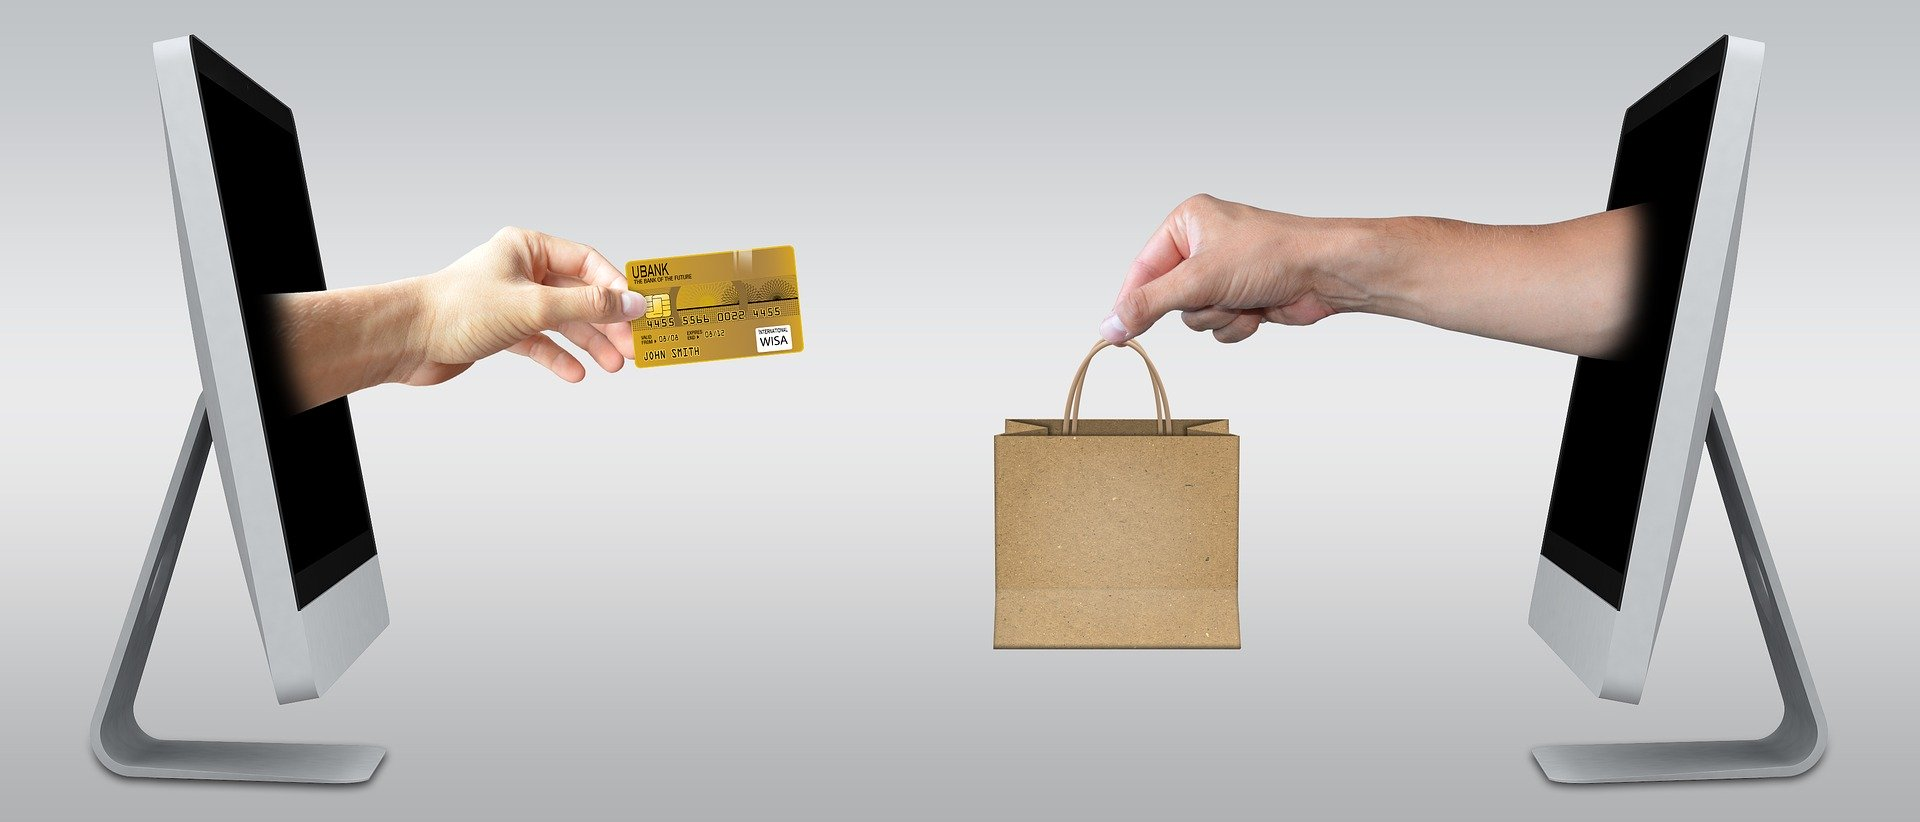 planowanie zakupów - zakupy online